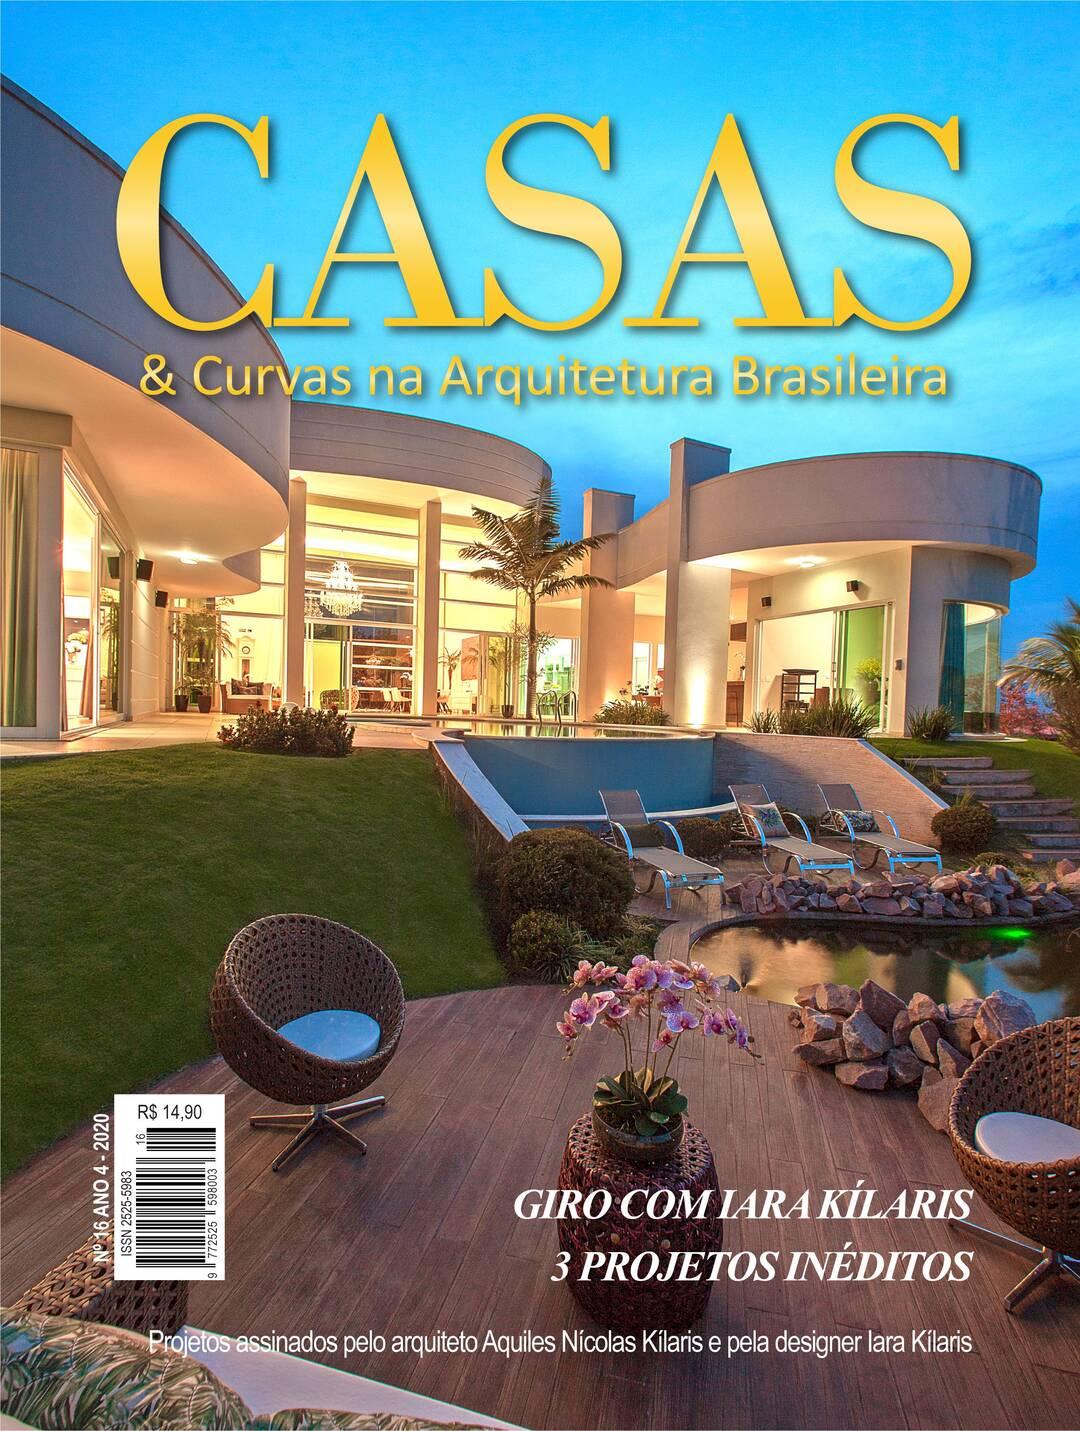 Page 1 of Revista CASAS & Curvas, ano 4, edição 16